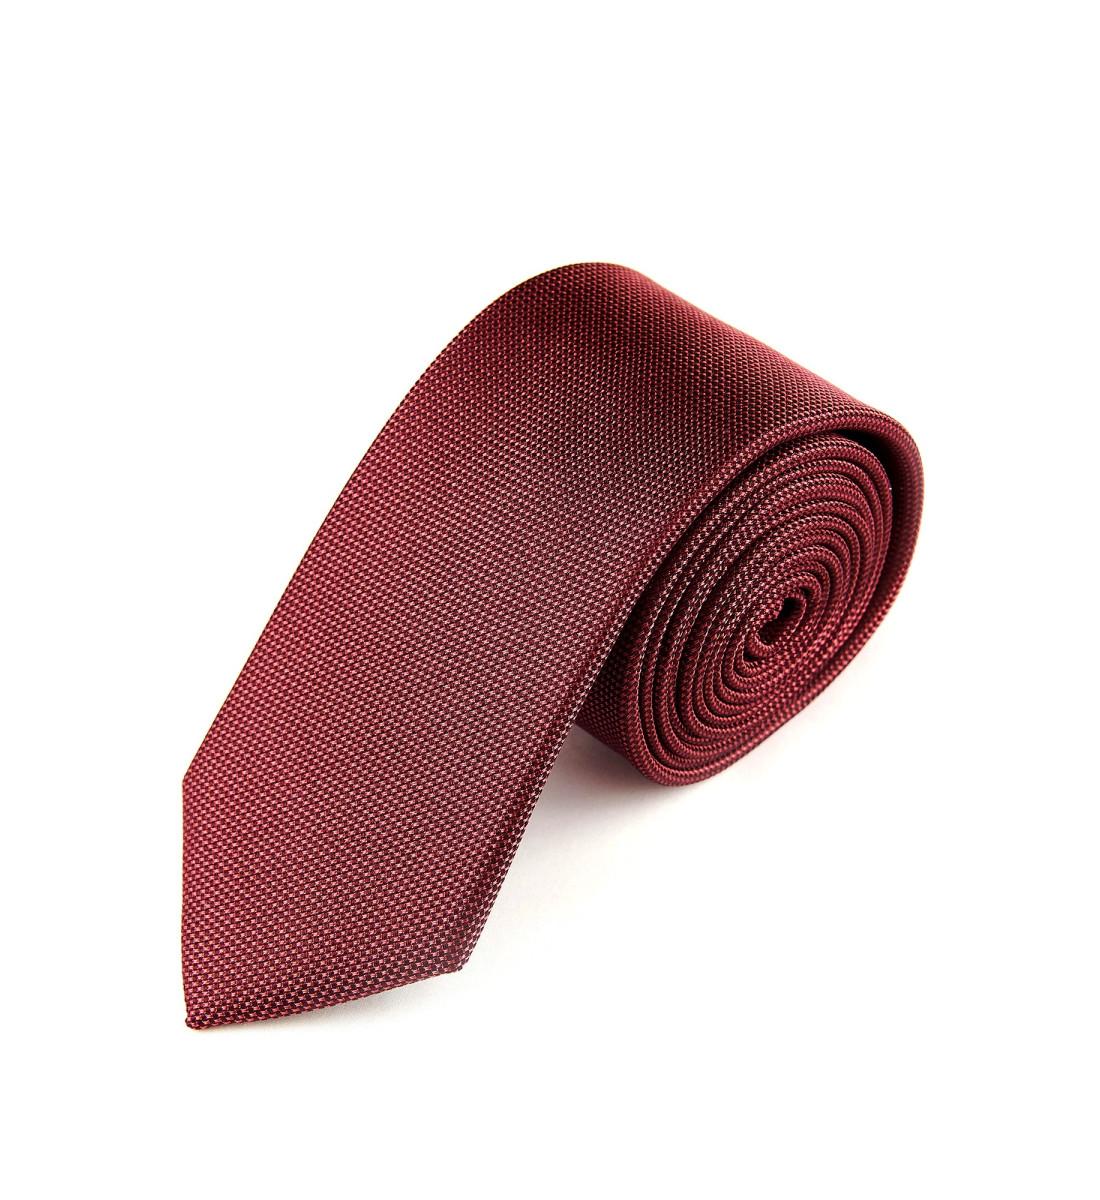 Cravate unie soie BORDEAUX